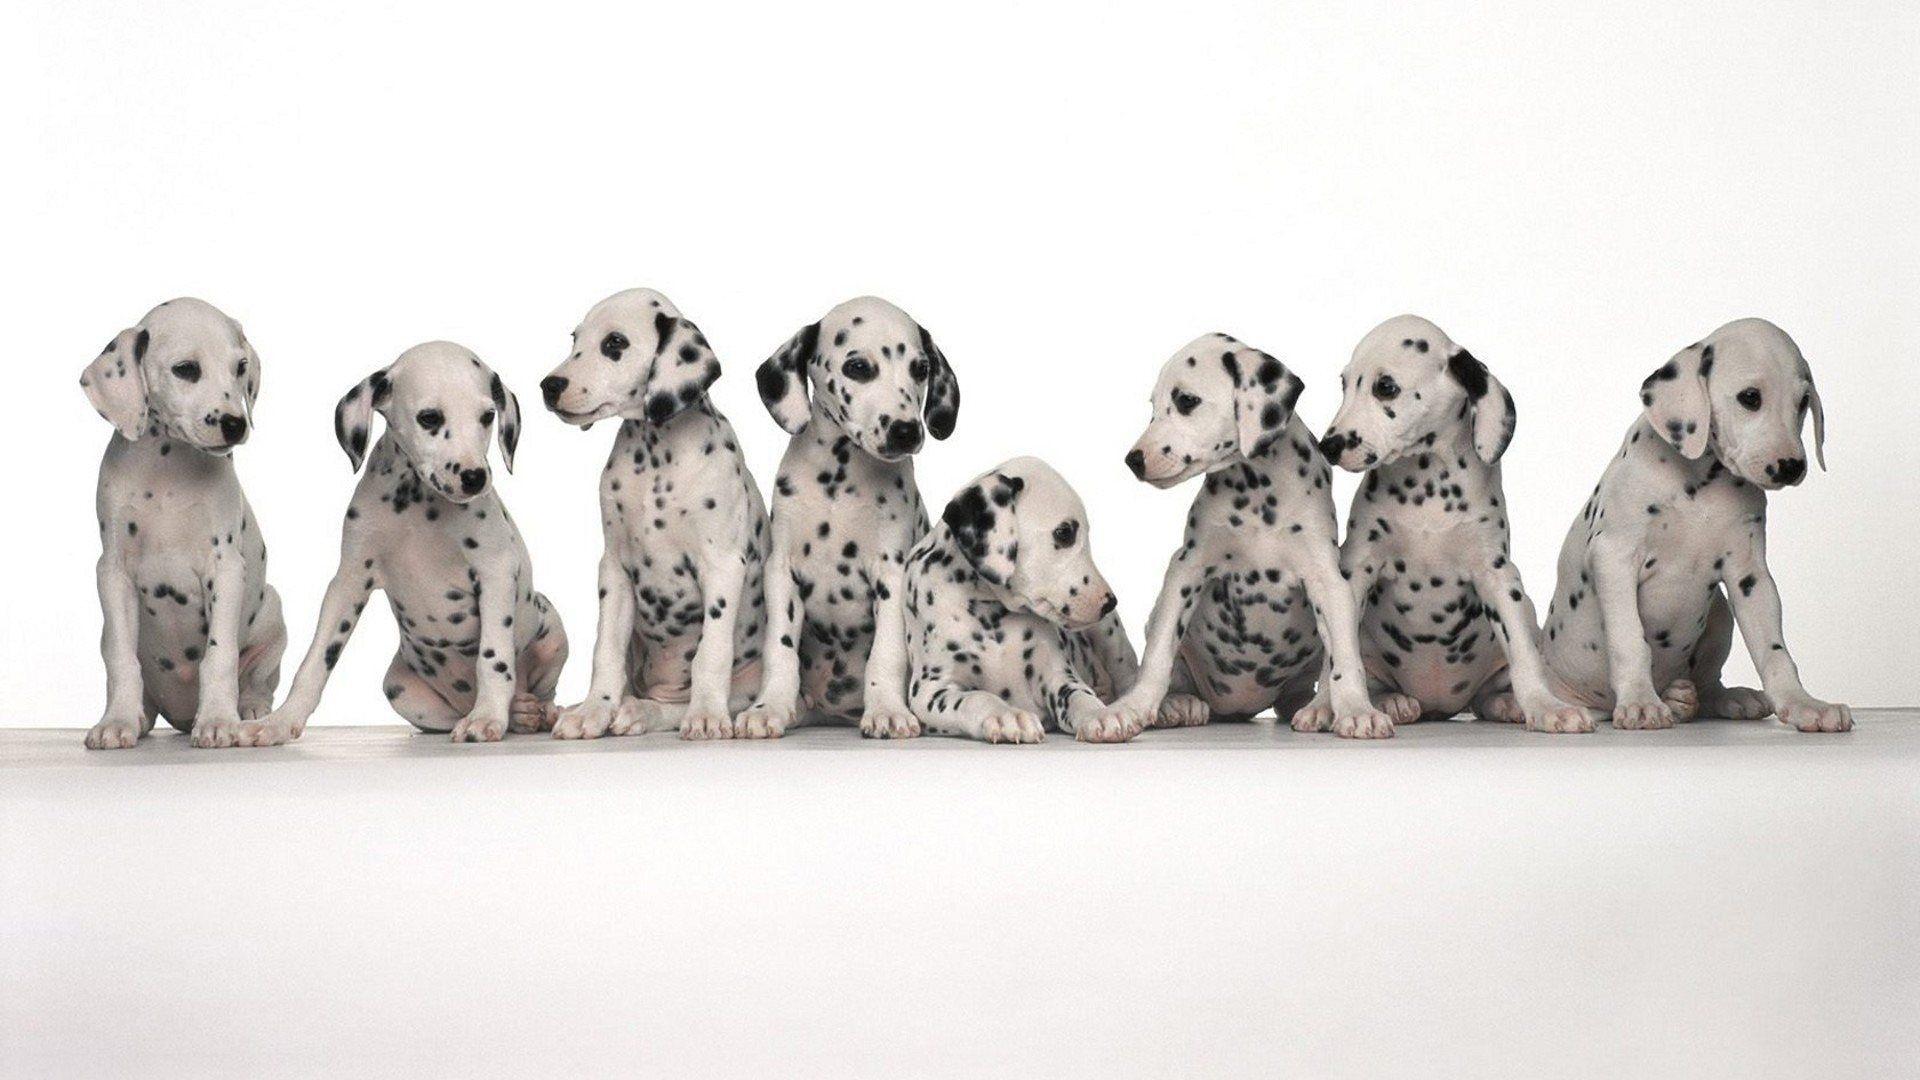 cute baby dogs wallpaper hd